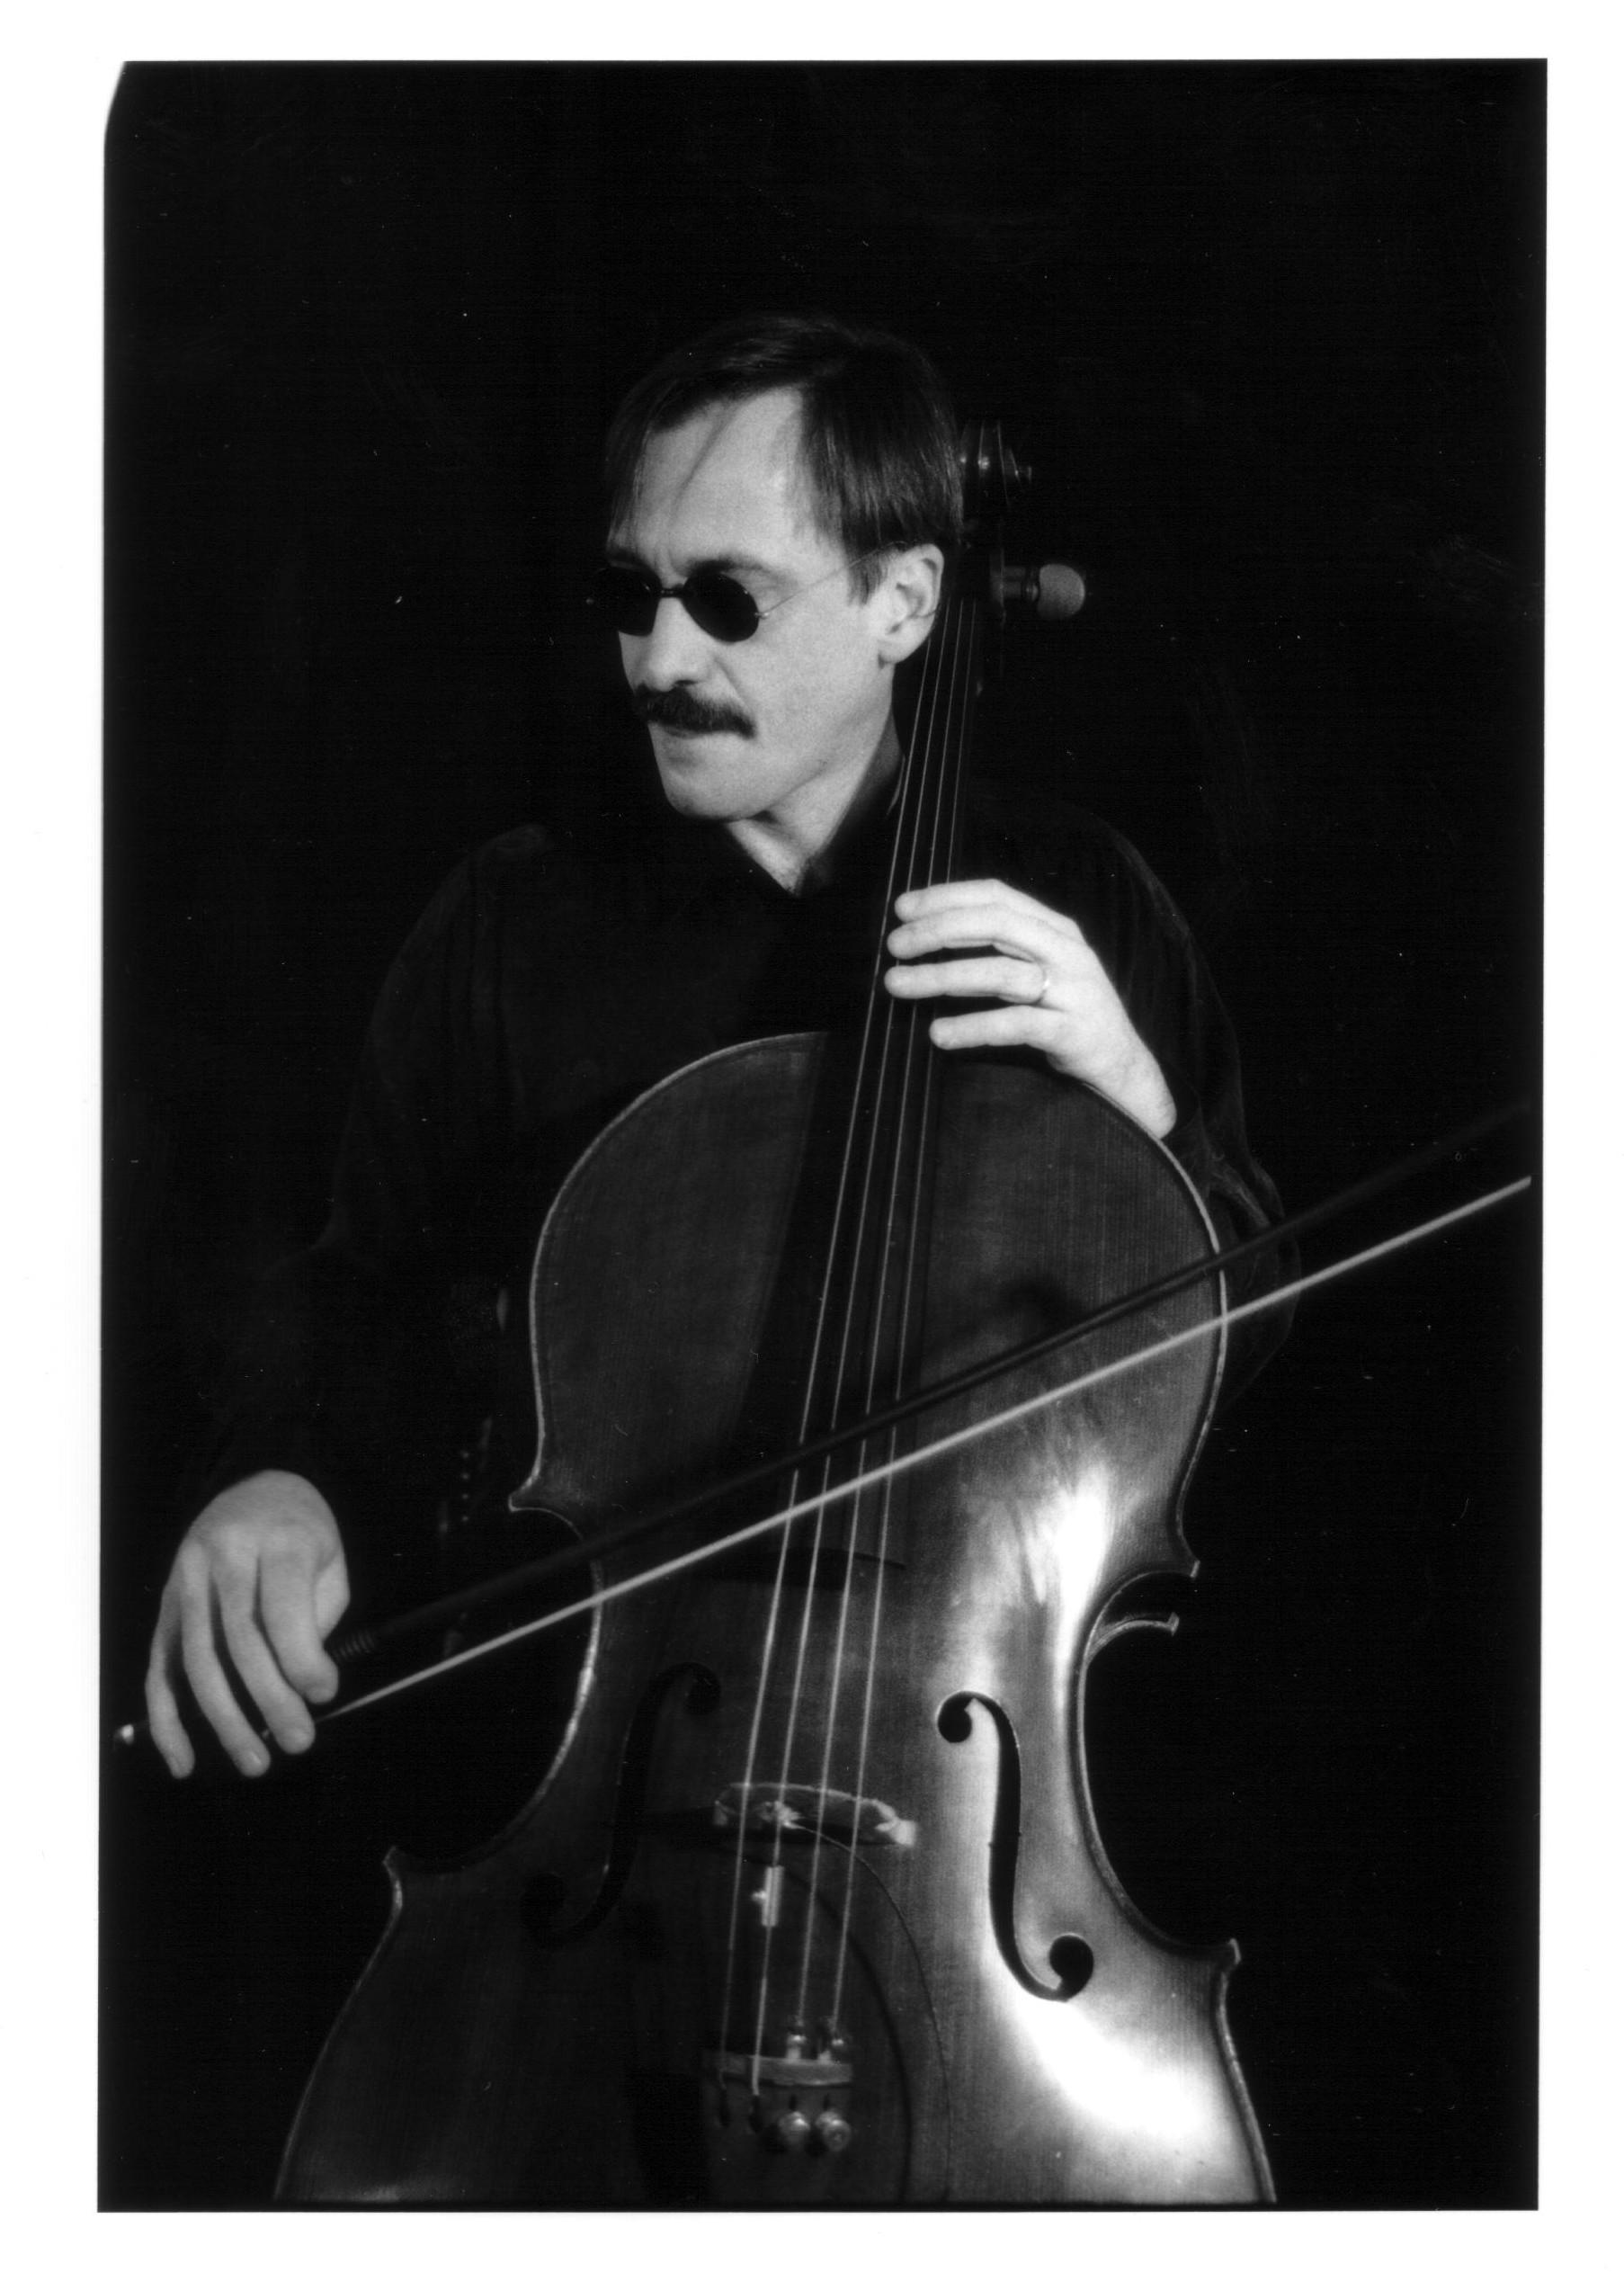 Tomas Ulrich